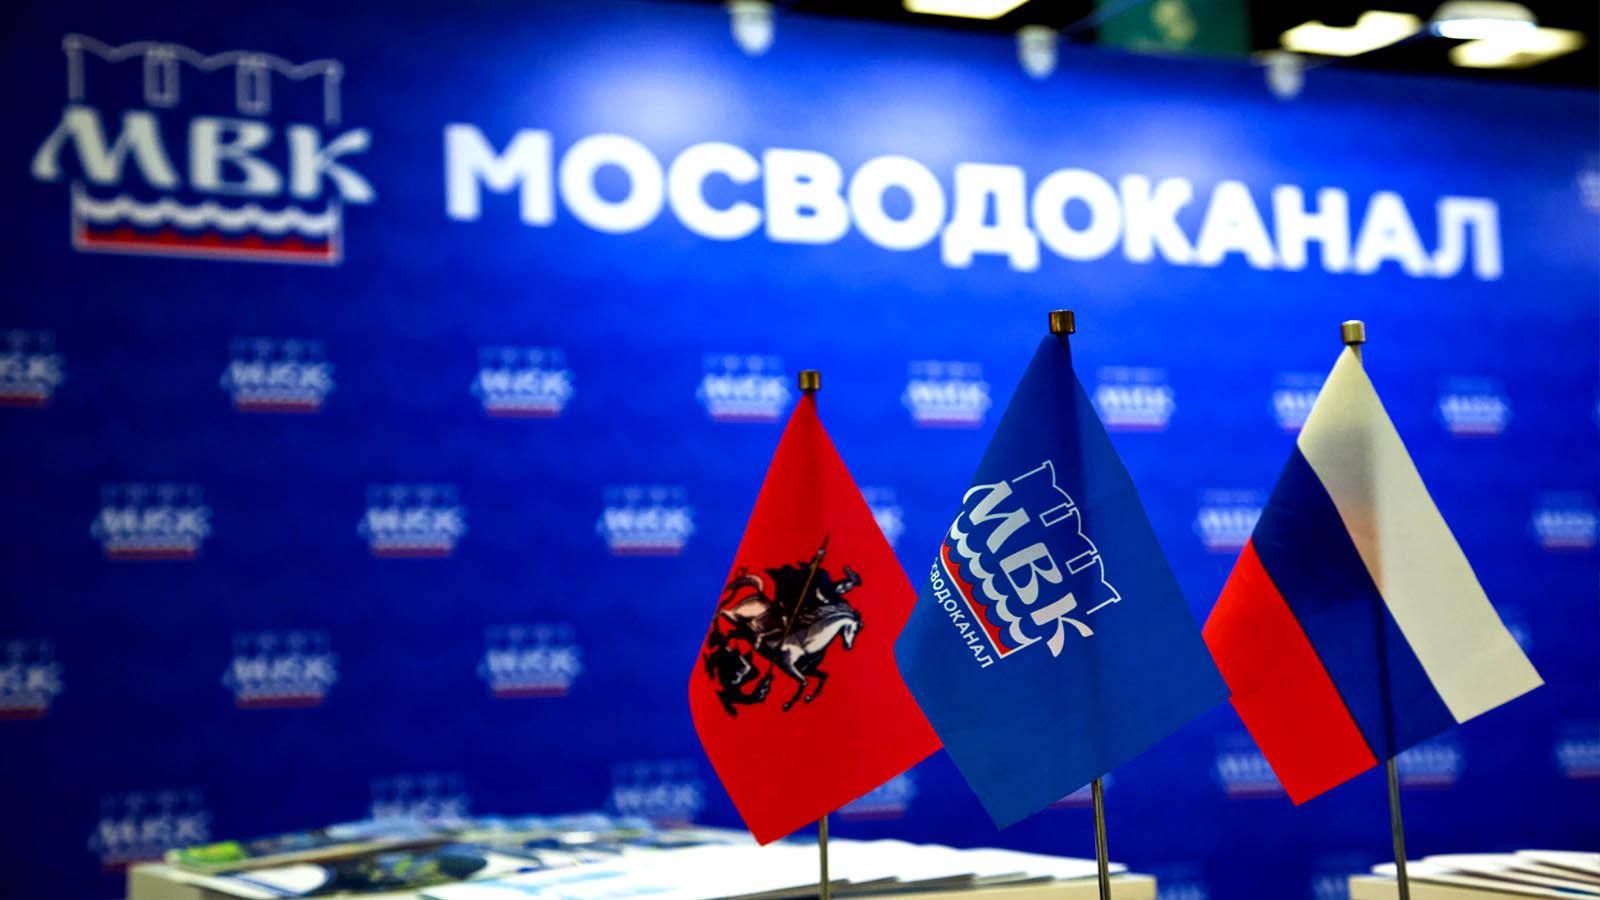 Лаборатория Мосводоканала подбила итоги десятилетней работы